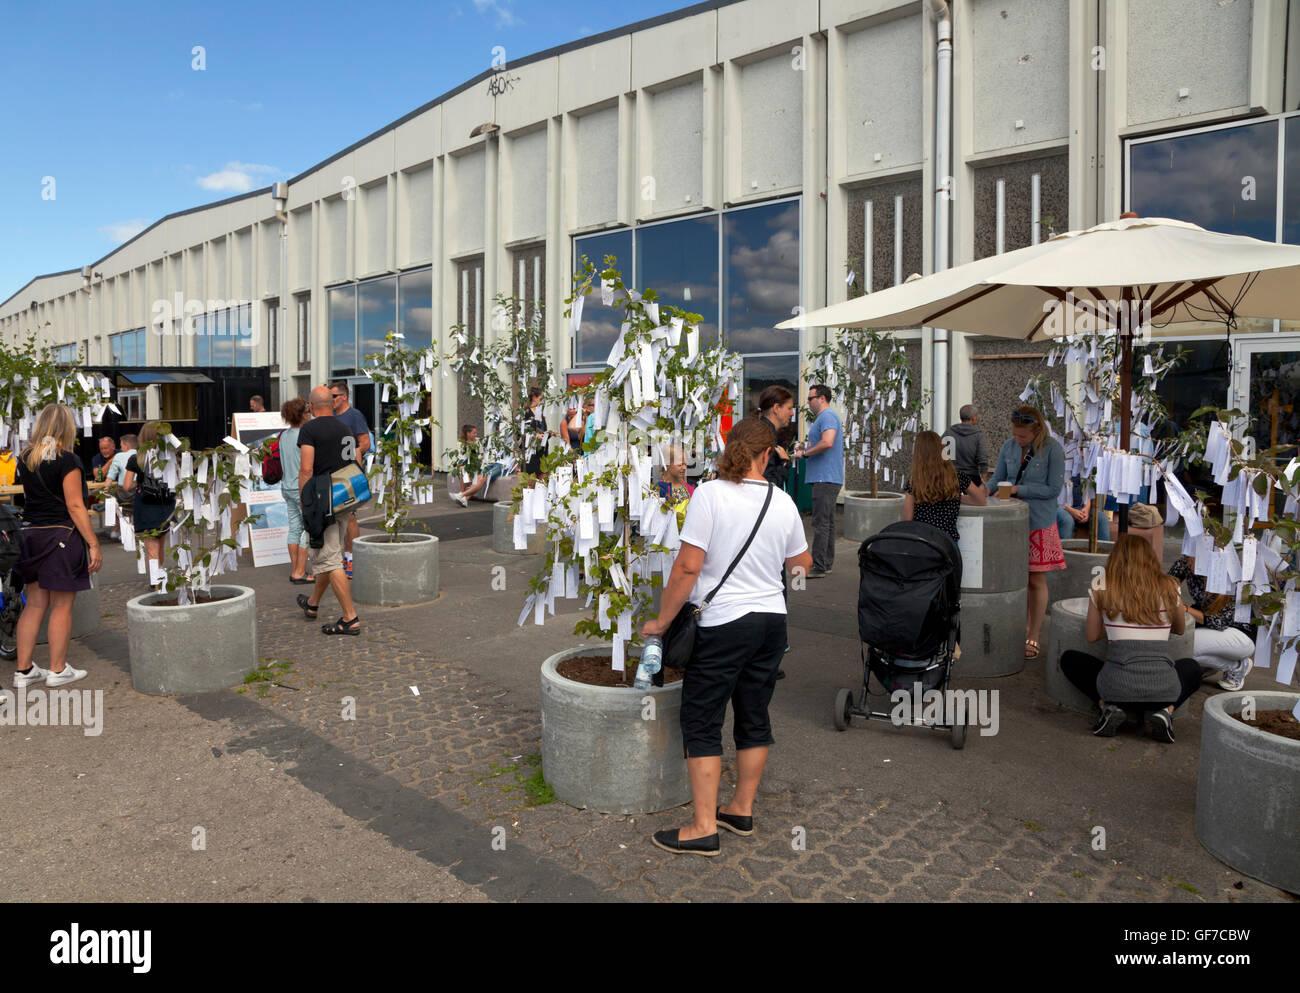 Contemporain de Copenhague de Yoko Ono présente 'Arbre des désirs Jardin' à l'extérieur les anciens entrepôts sur Papirøen, île de papier. Banque D'Images